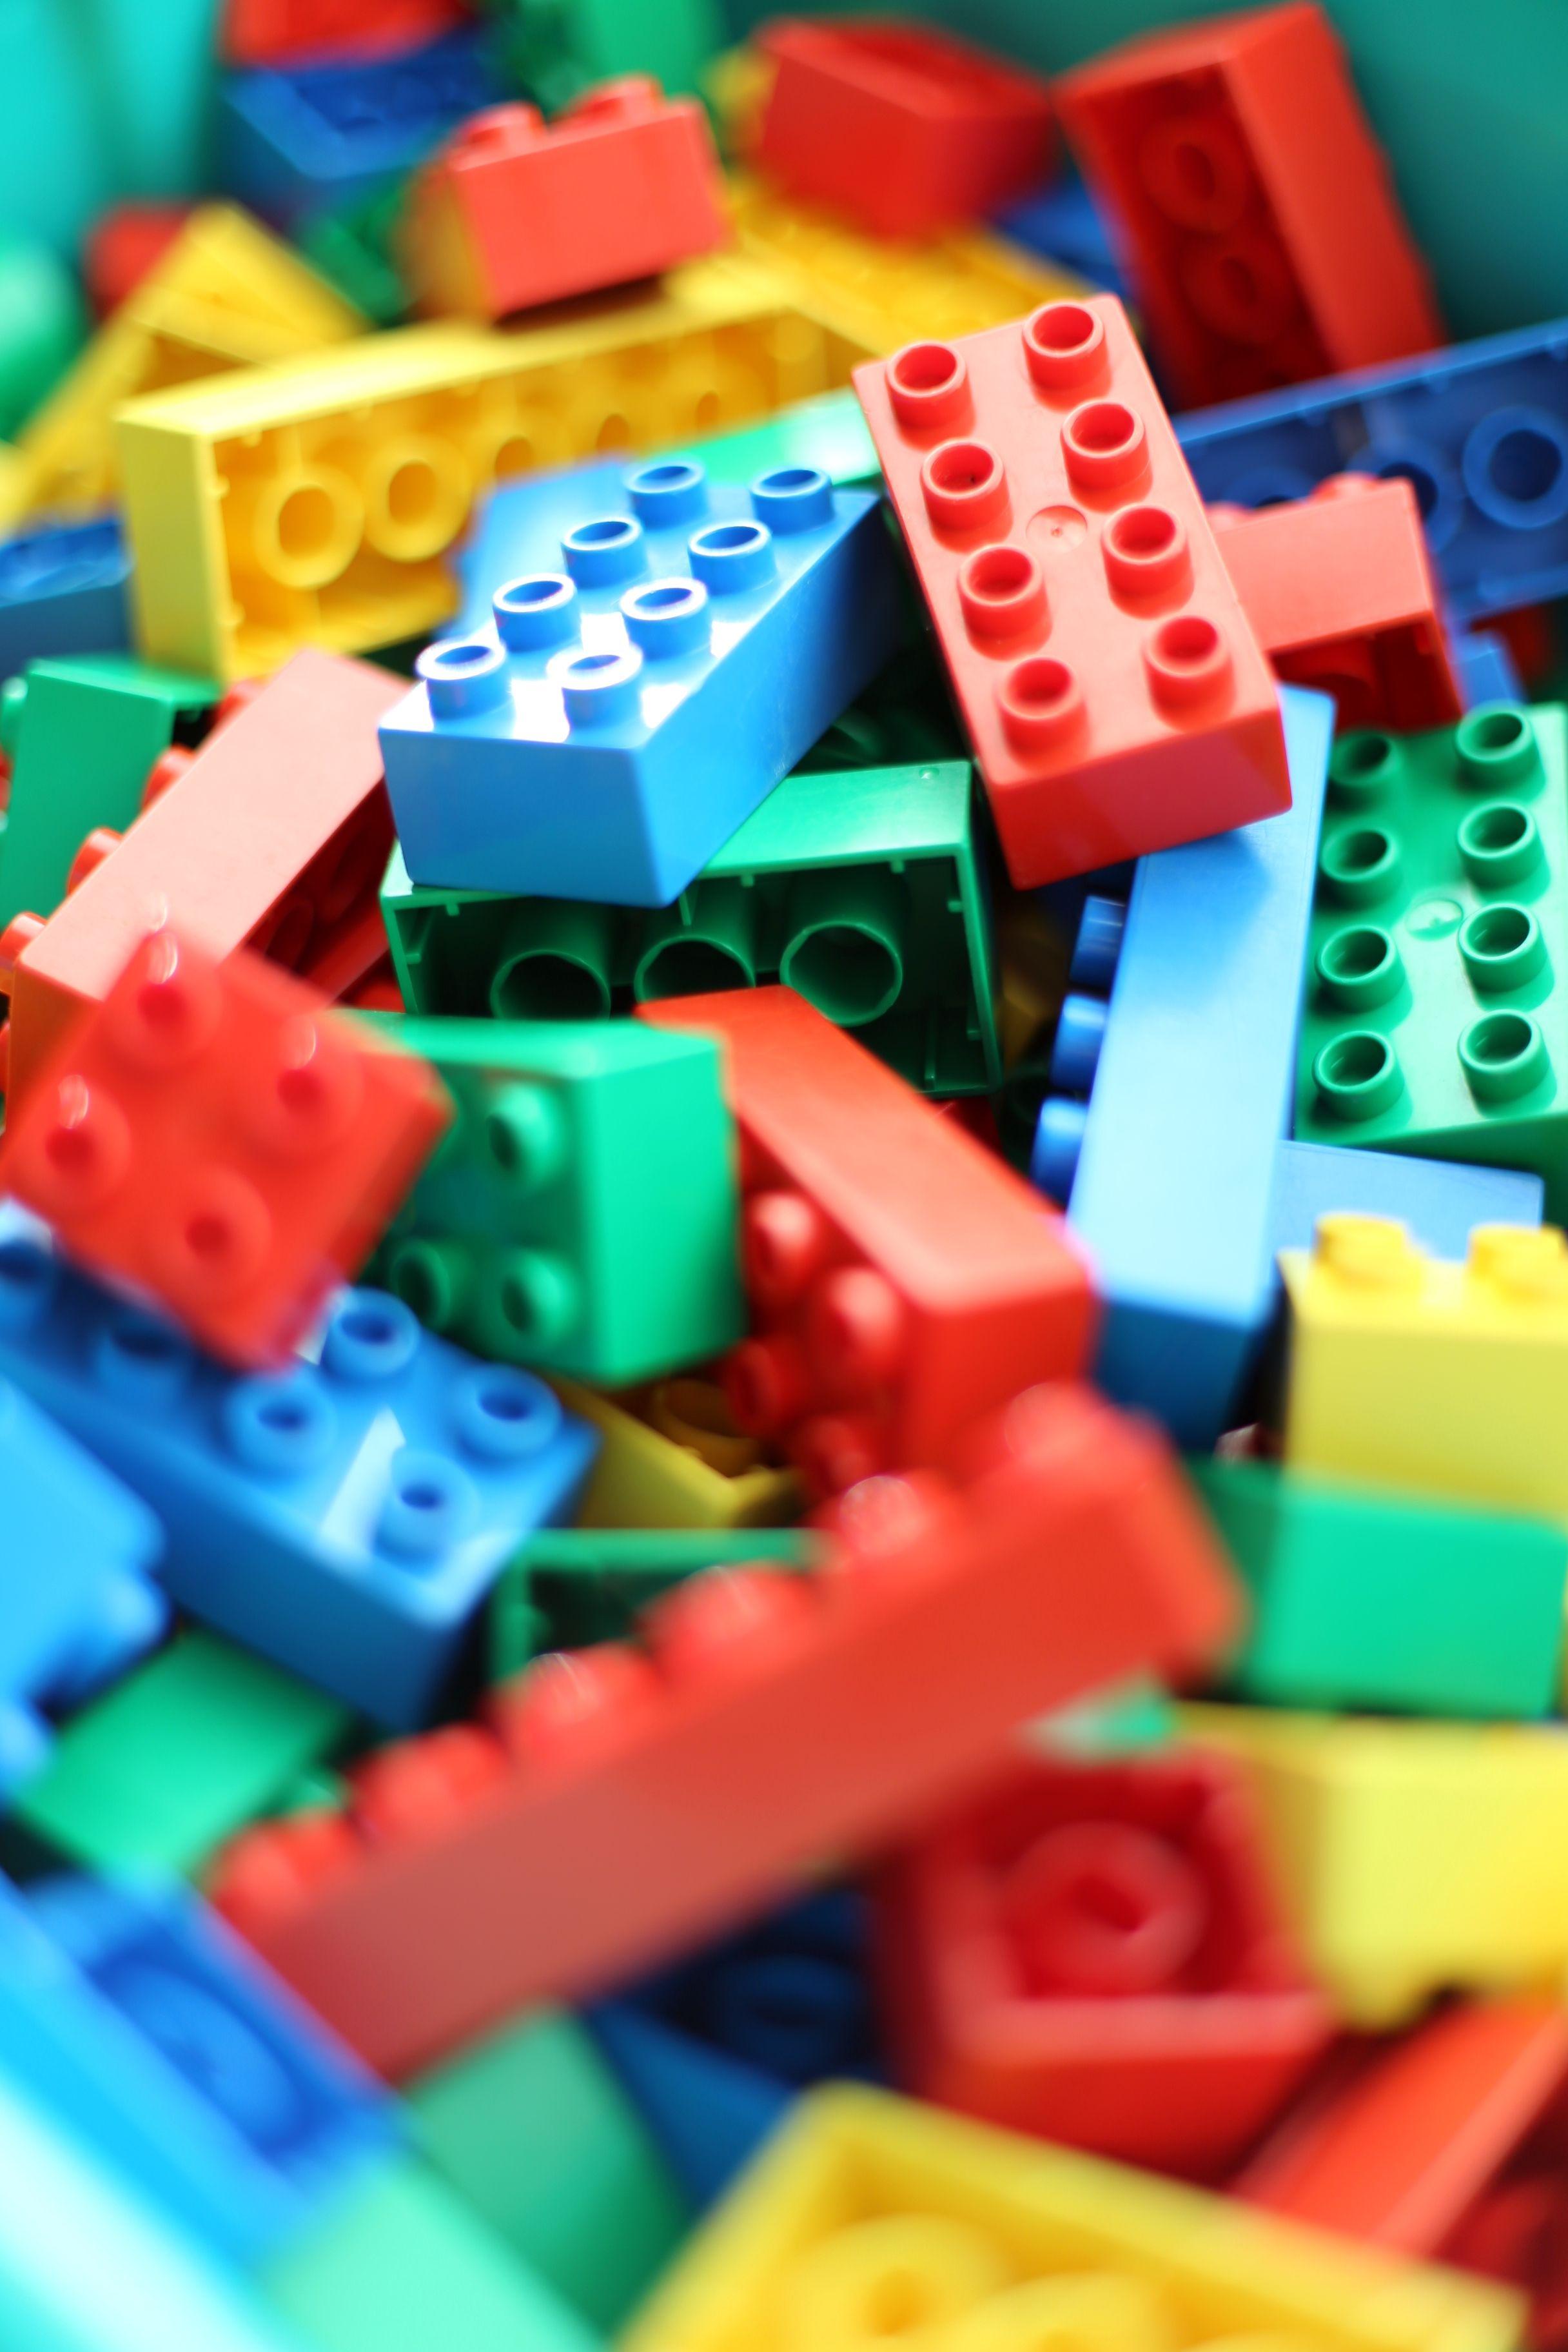 CC BY SA Bloques de distintos colores, formas... que pueden formar juntos grandes estructuras.